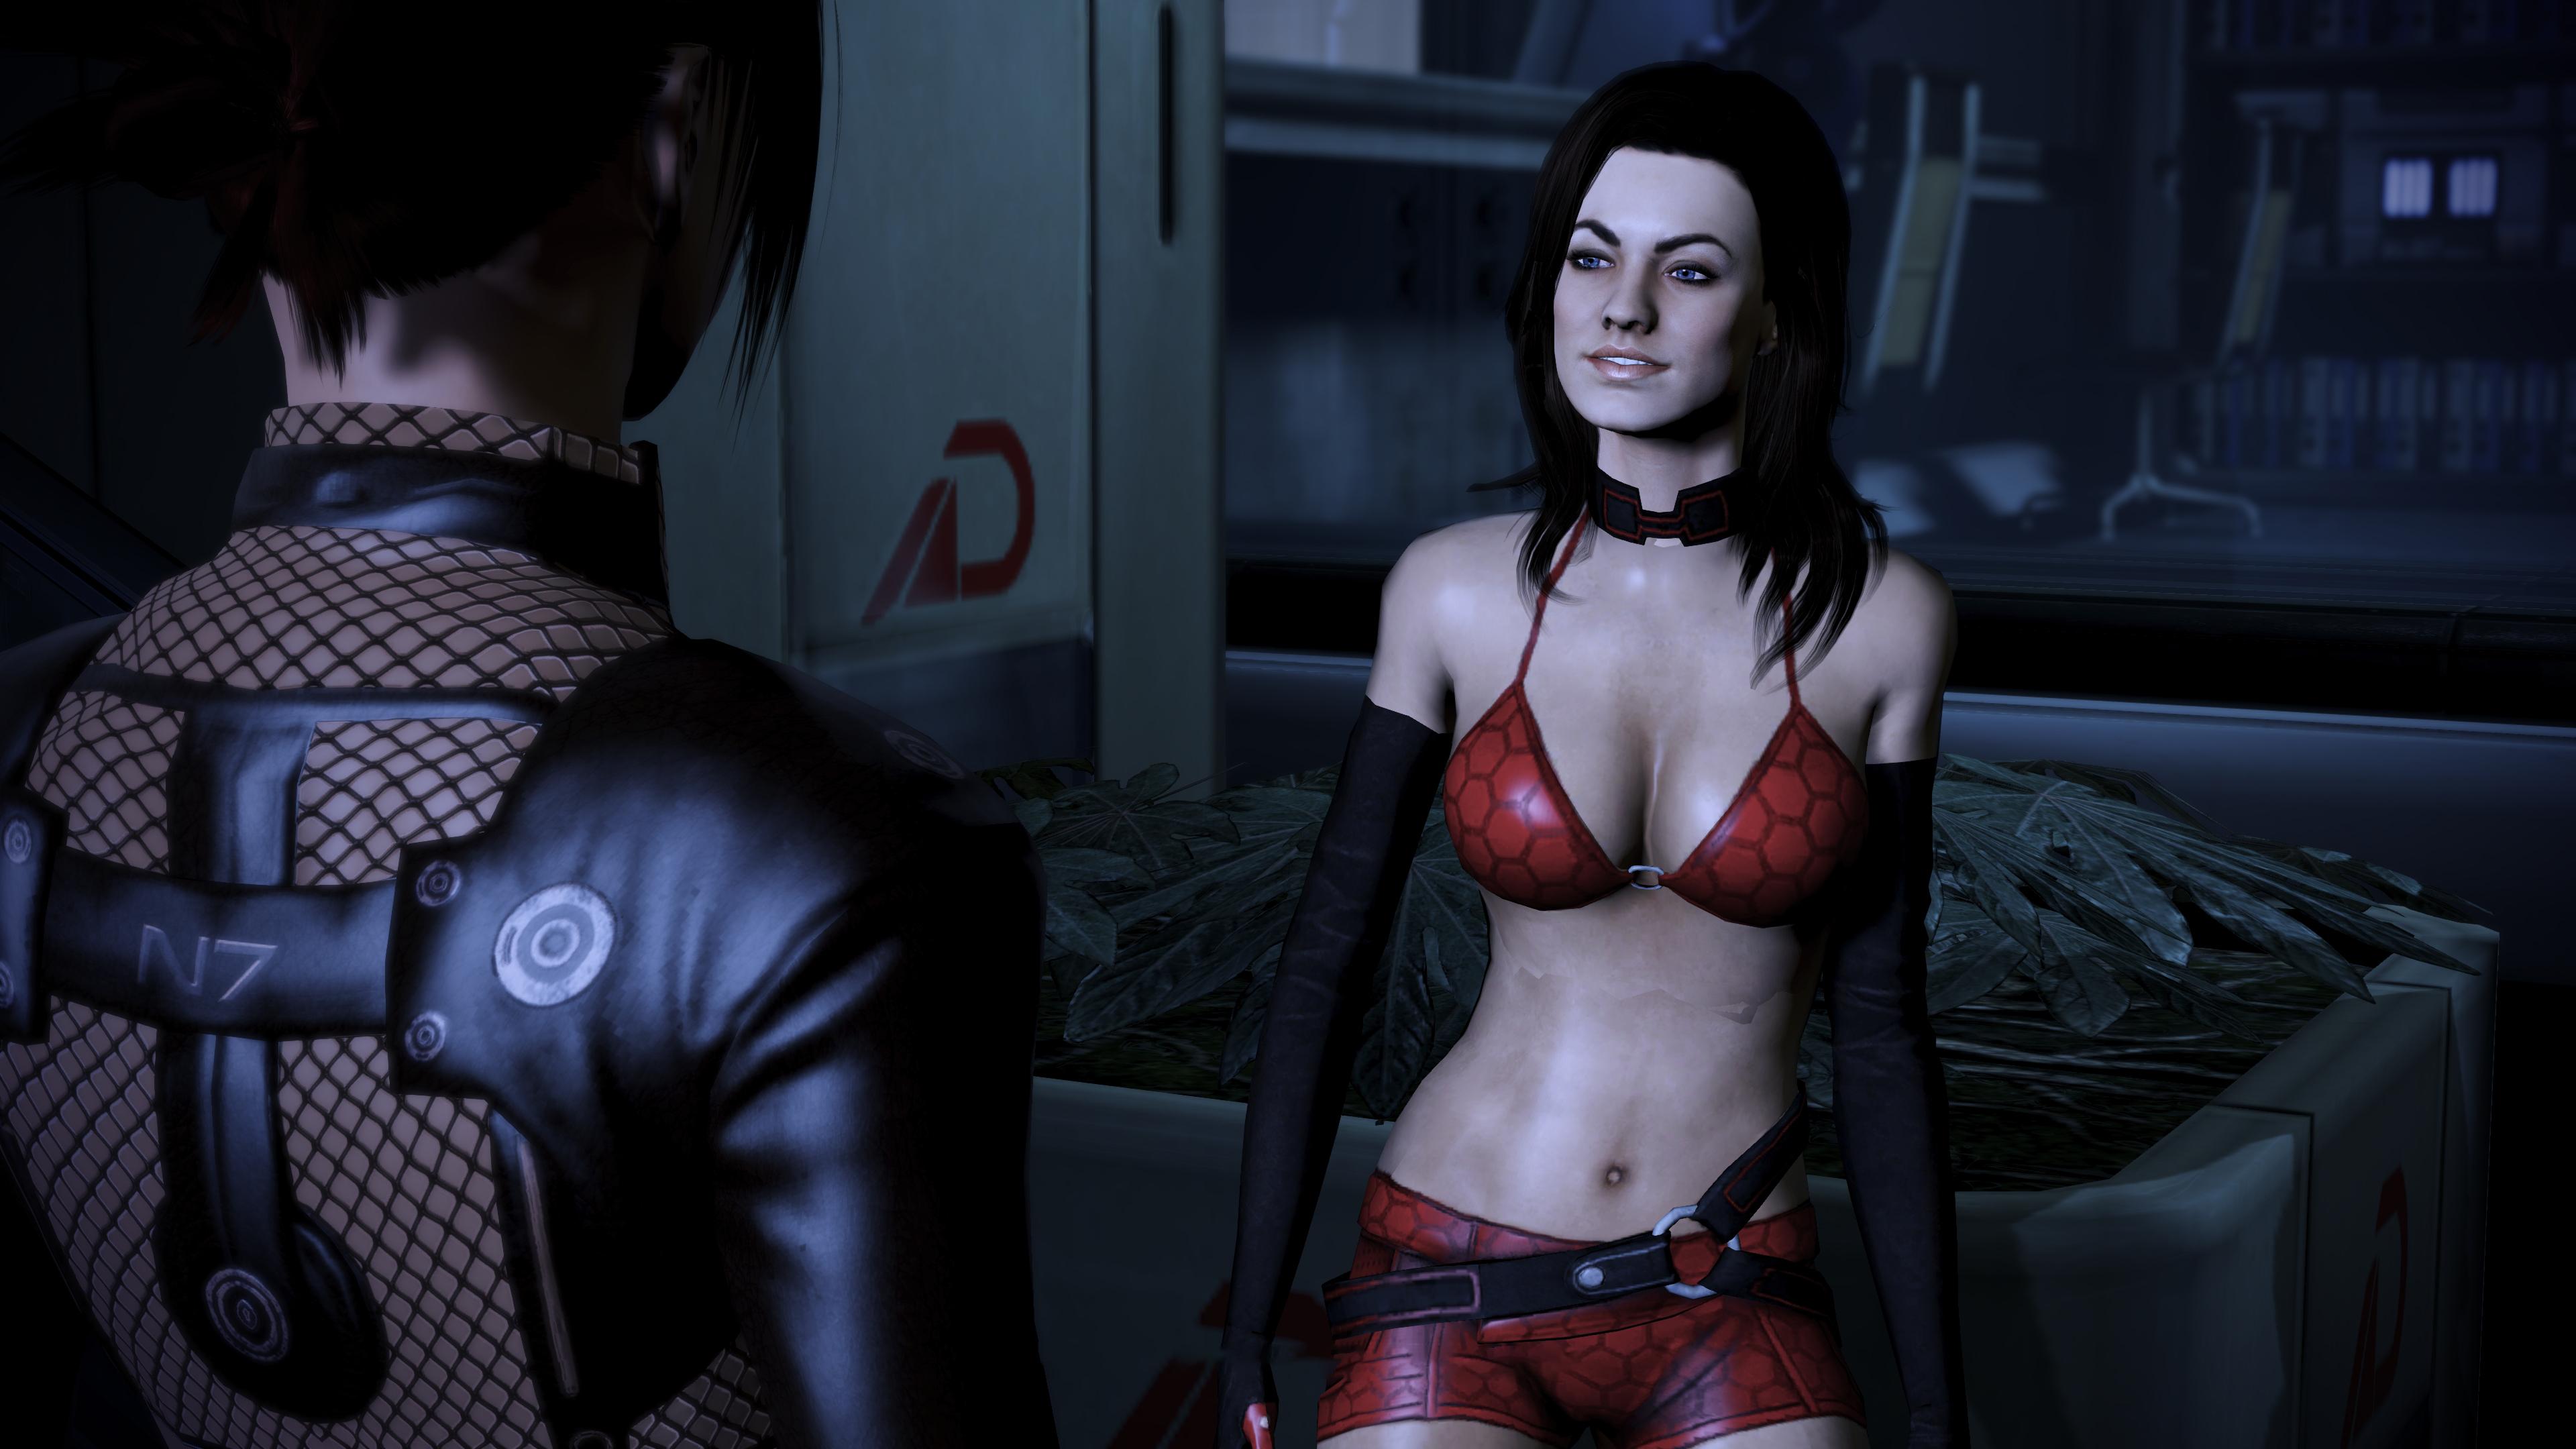 Mass Effect 3 Screenshot 2019.01.19 - 21.36.29.jpg - Mass Effect 3